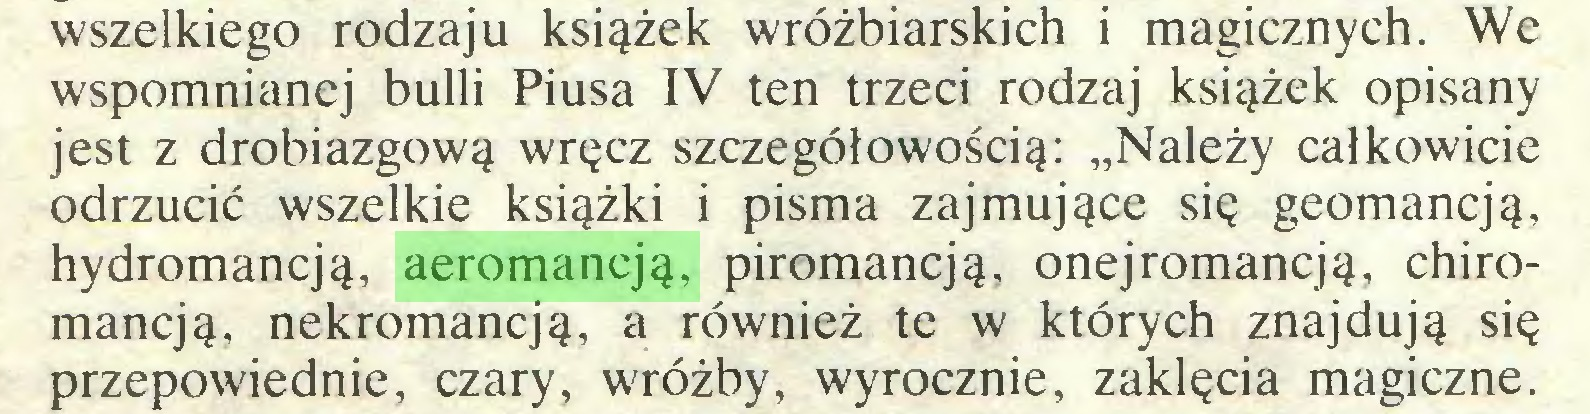 """(...) wszelkiego rodzaju książek wróżbiarskich i magicznych. We wspomnianej bulli Piusa IV ten trzeci rodzaj książek opisany jest z drobiazgową wręcz szczegółowością: """"Należy całkowicie odrzucić wszelkie książki i pisma zajmujące się geomancją, hydromancją, aeromancją, piromancją, onejromancją, chiromancją, nekromancją, a również te w których znajdują się przepowiednie, czary, wróżby, wyrocznie, zaklęcia magiczne..."""